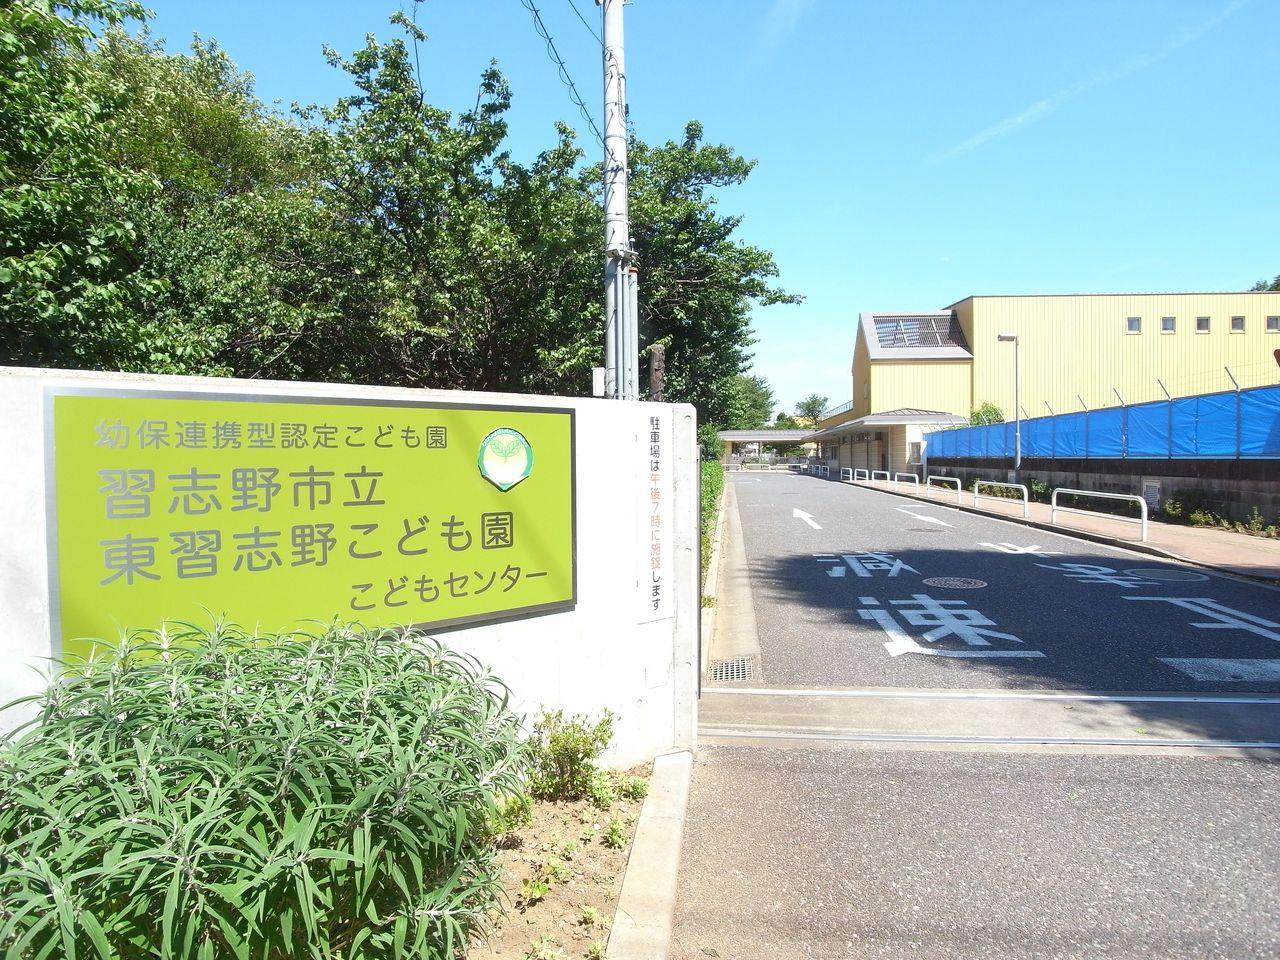 幼稚園と保育園を一体化した施設で、安心に子育できます